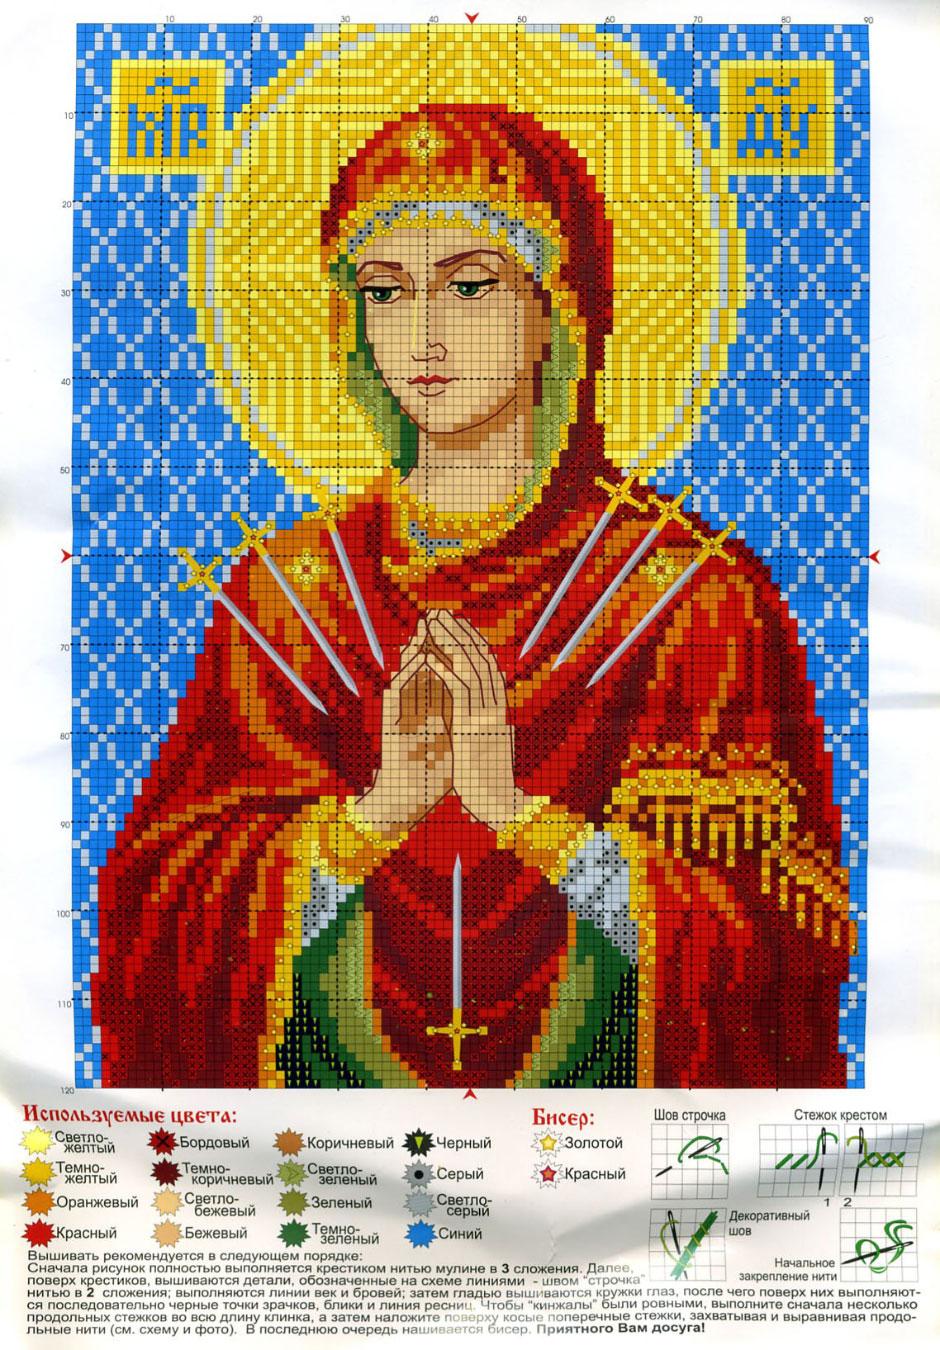 Церковь вышивка иконы